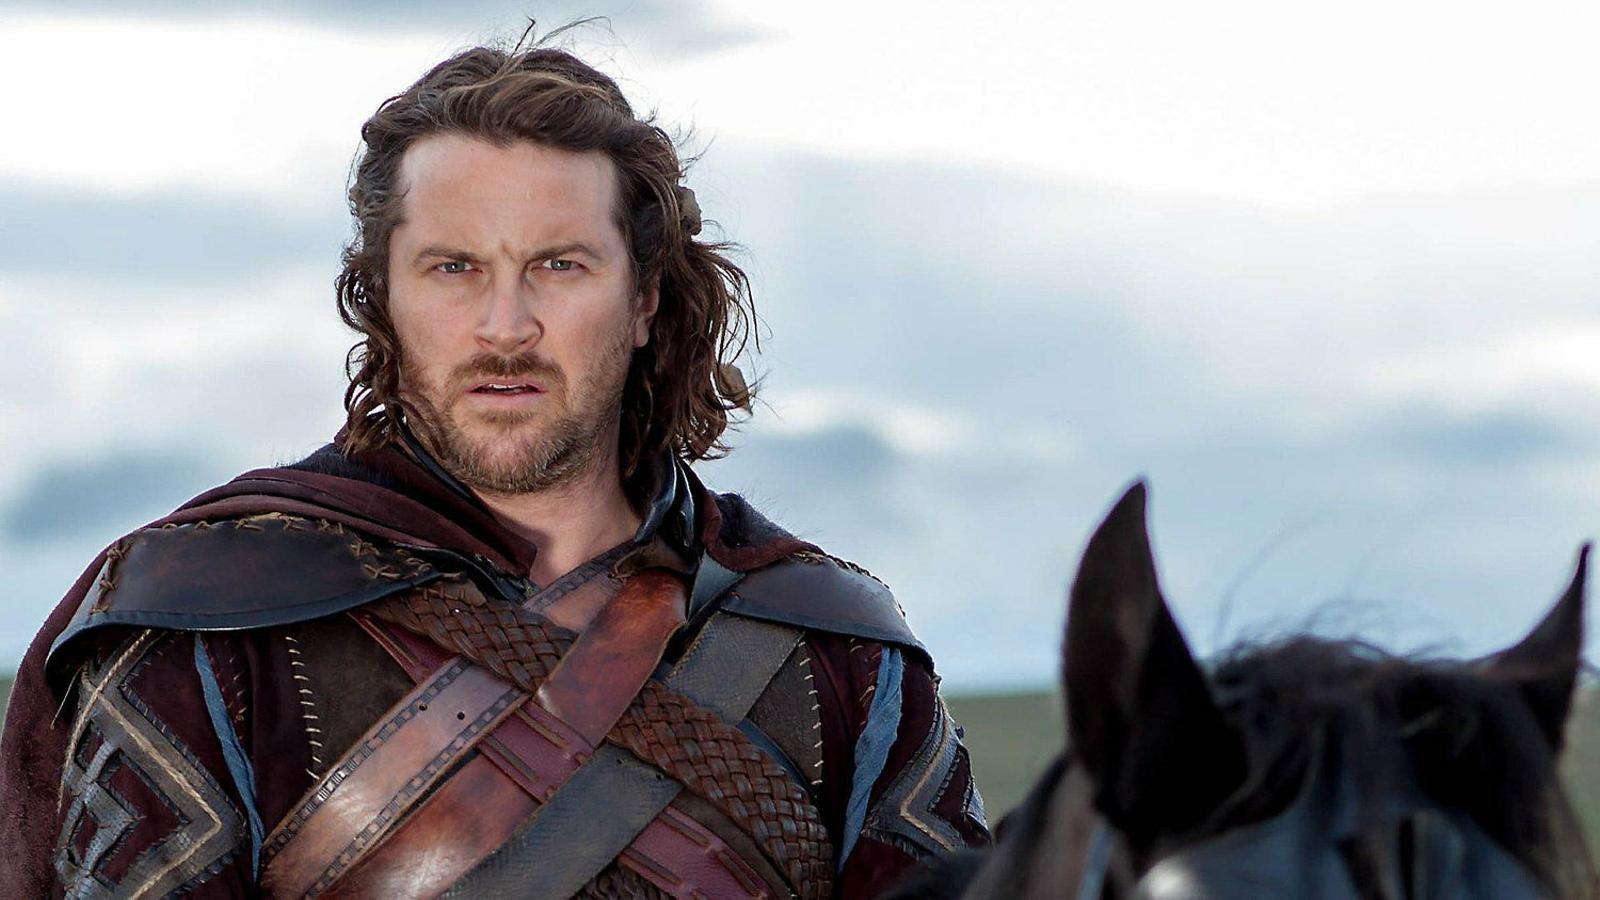 La història èpica de Beowulf arriba a Syfy en forma de sèrie